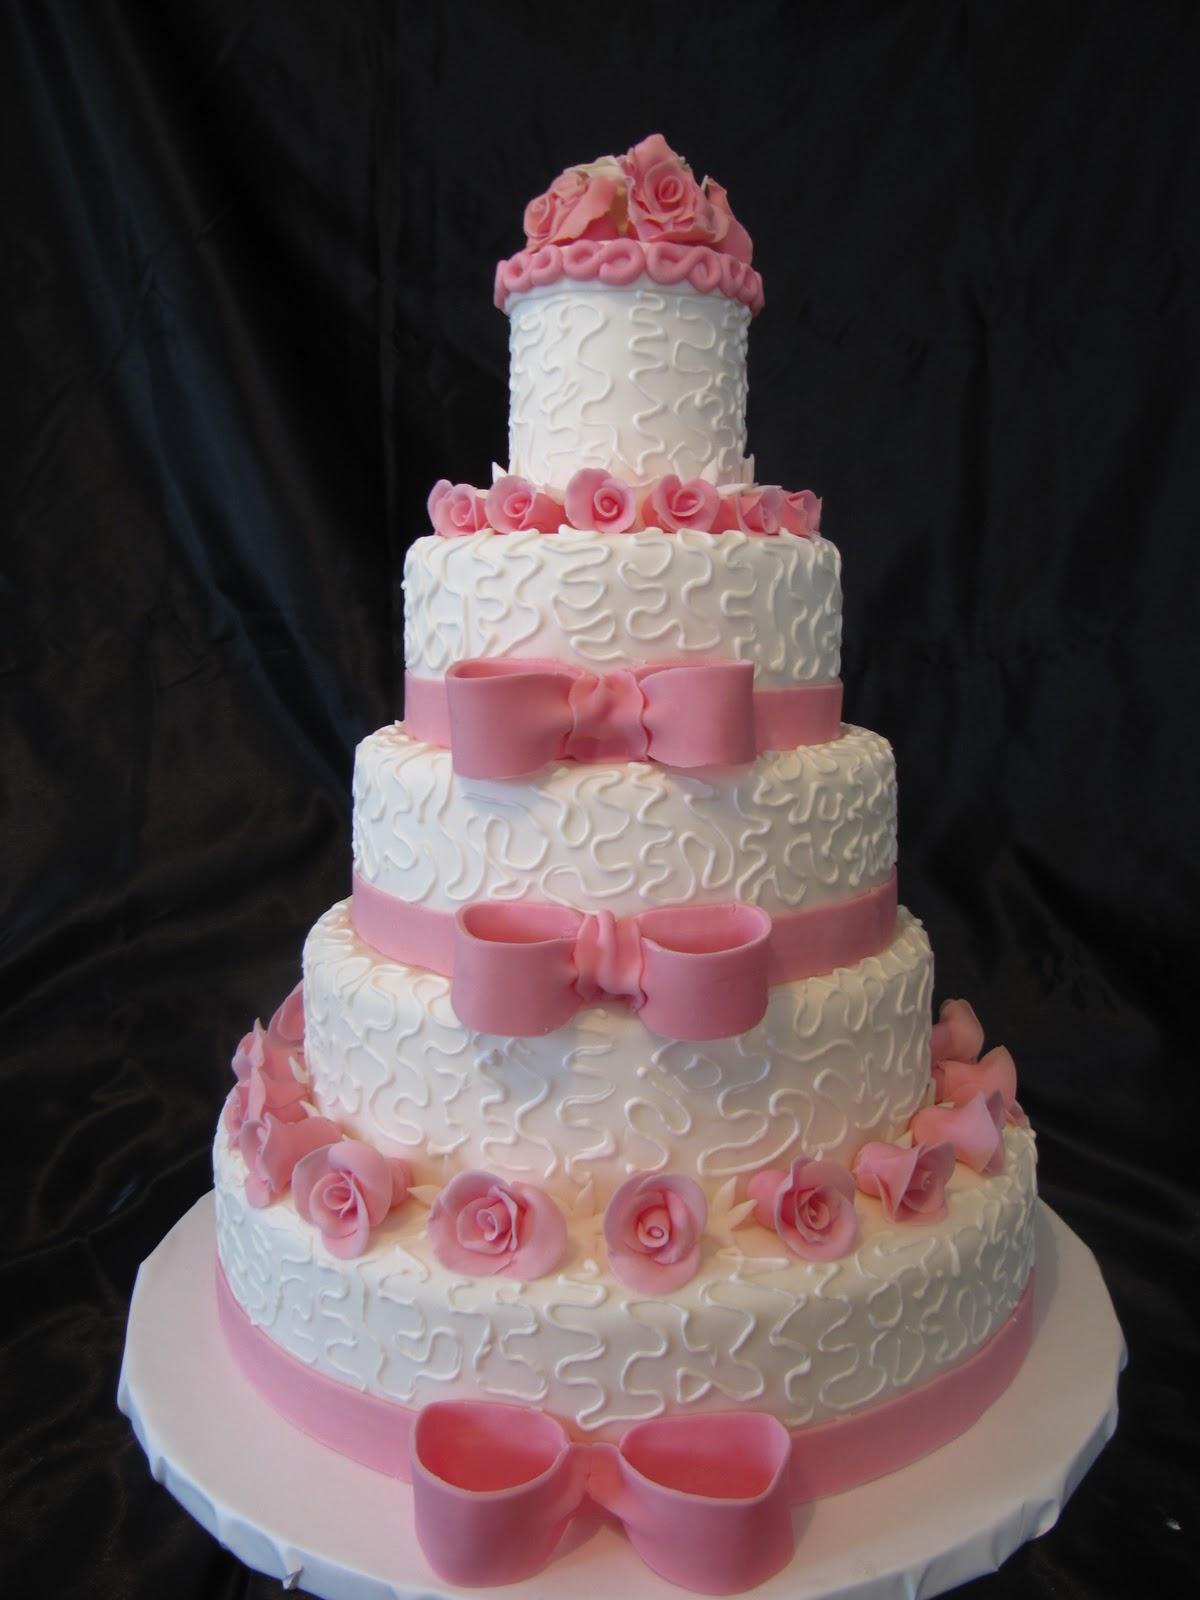 Maket düğün pastasi